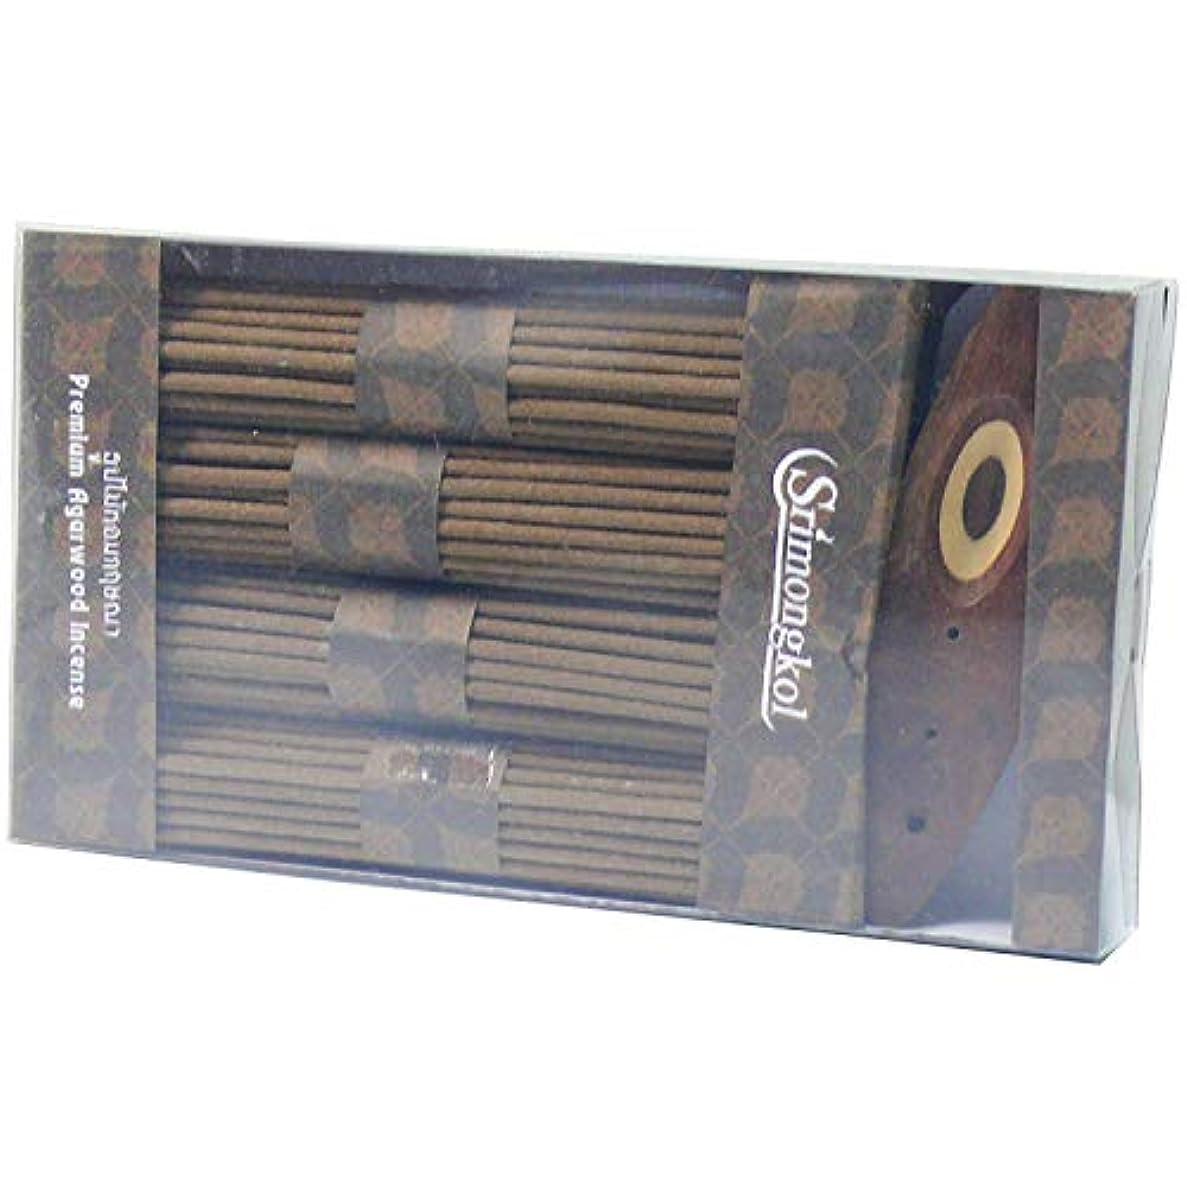 皮肉高価なおもちゃPremuim Agarwood Natural Incense Cones 200 Grams (No Chemical) :プレミアムアガーウッドナチュラル香コーン200グラム(化学薬品なし)